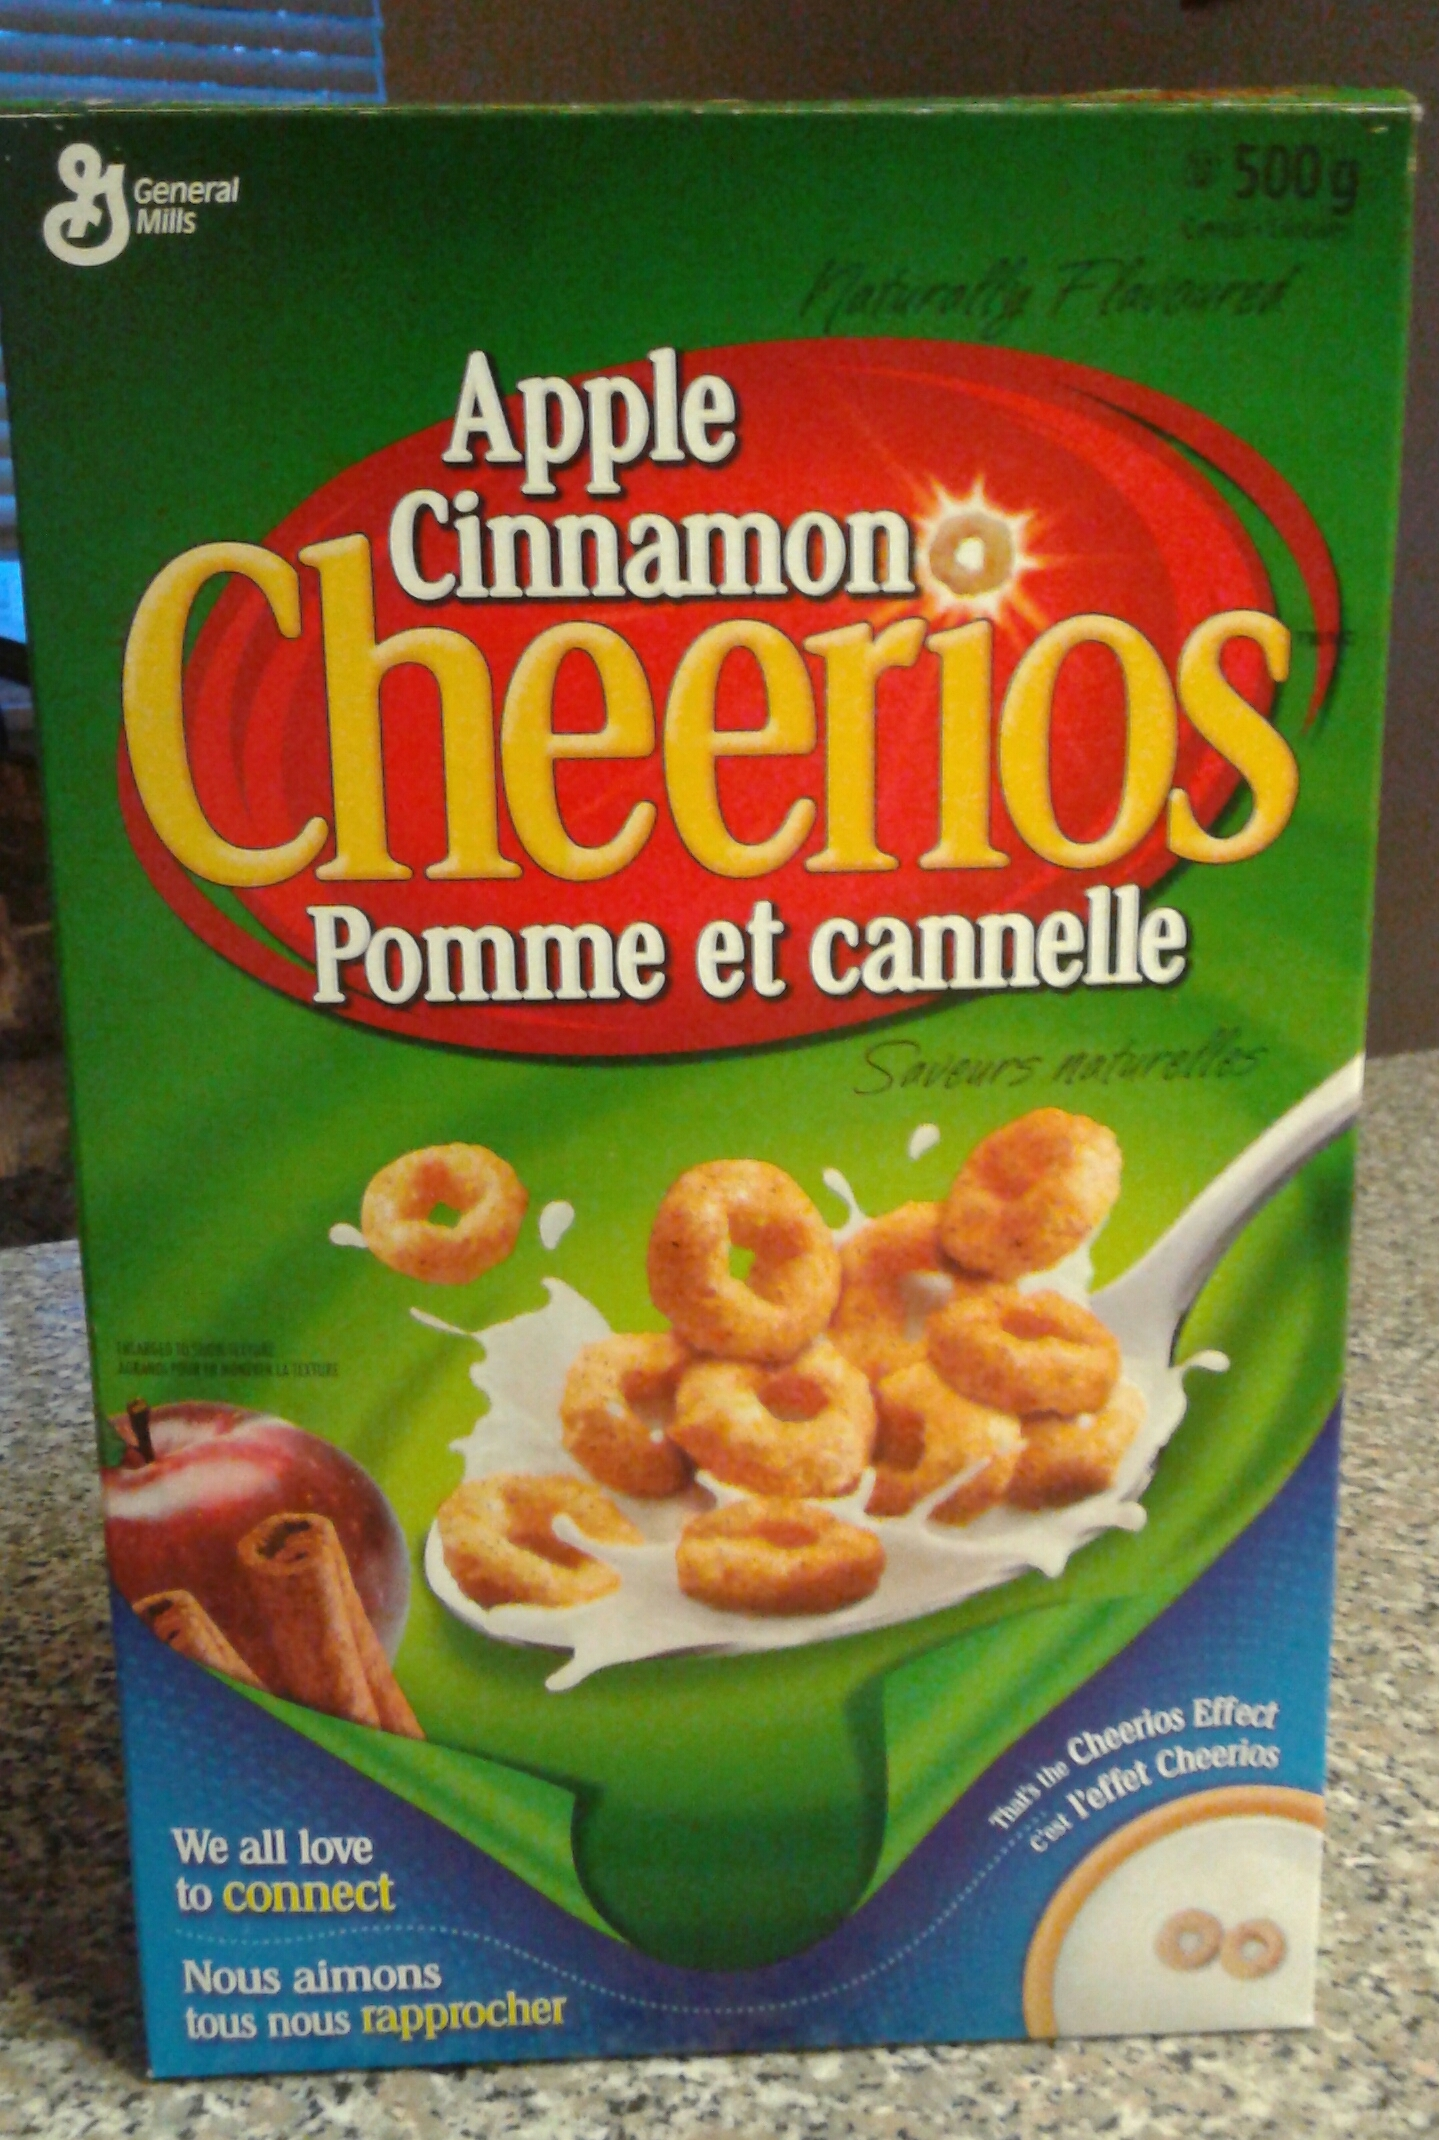 Apple Cinnamon Cheerios Cereal reviews